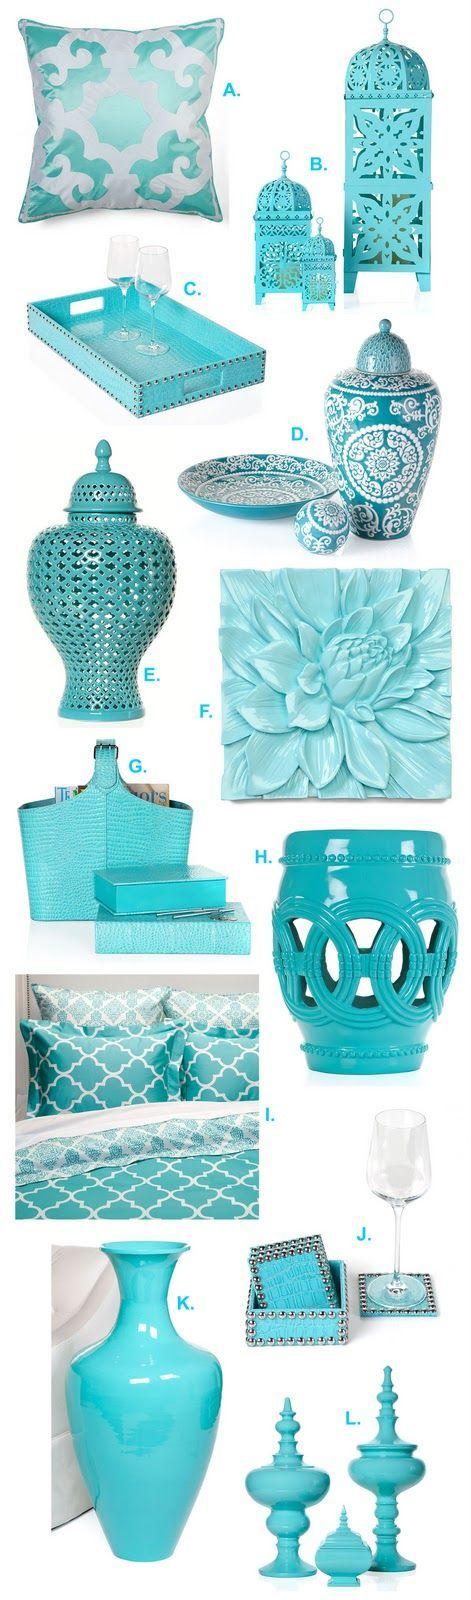 a designer + a contractor: a+ for aquamarine